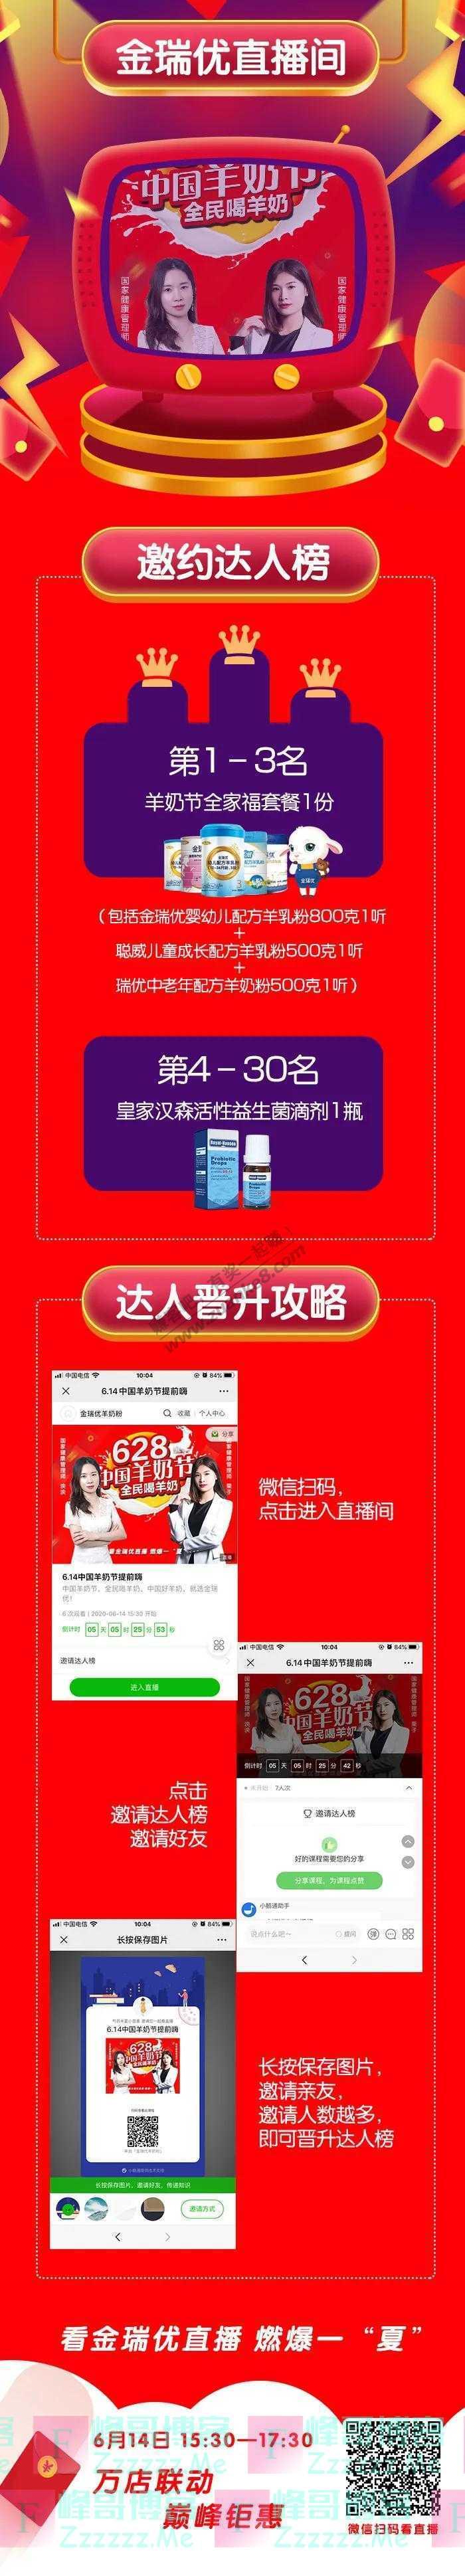 金瑞优羊奶粉中国羊奶节 | 6.14首播预告 万元豪礼大放送(截止6月14日)